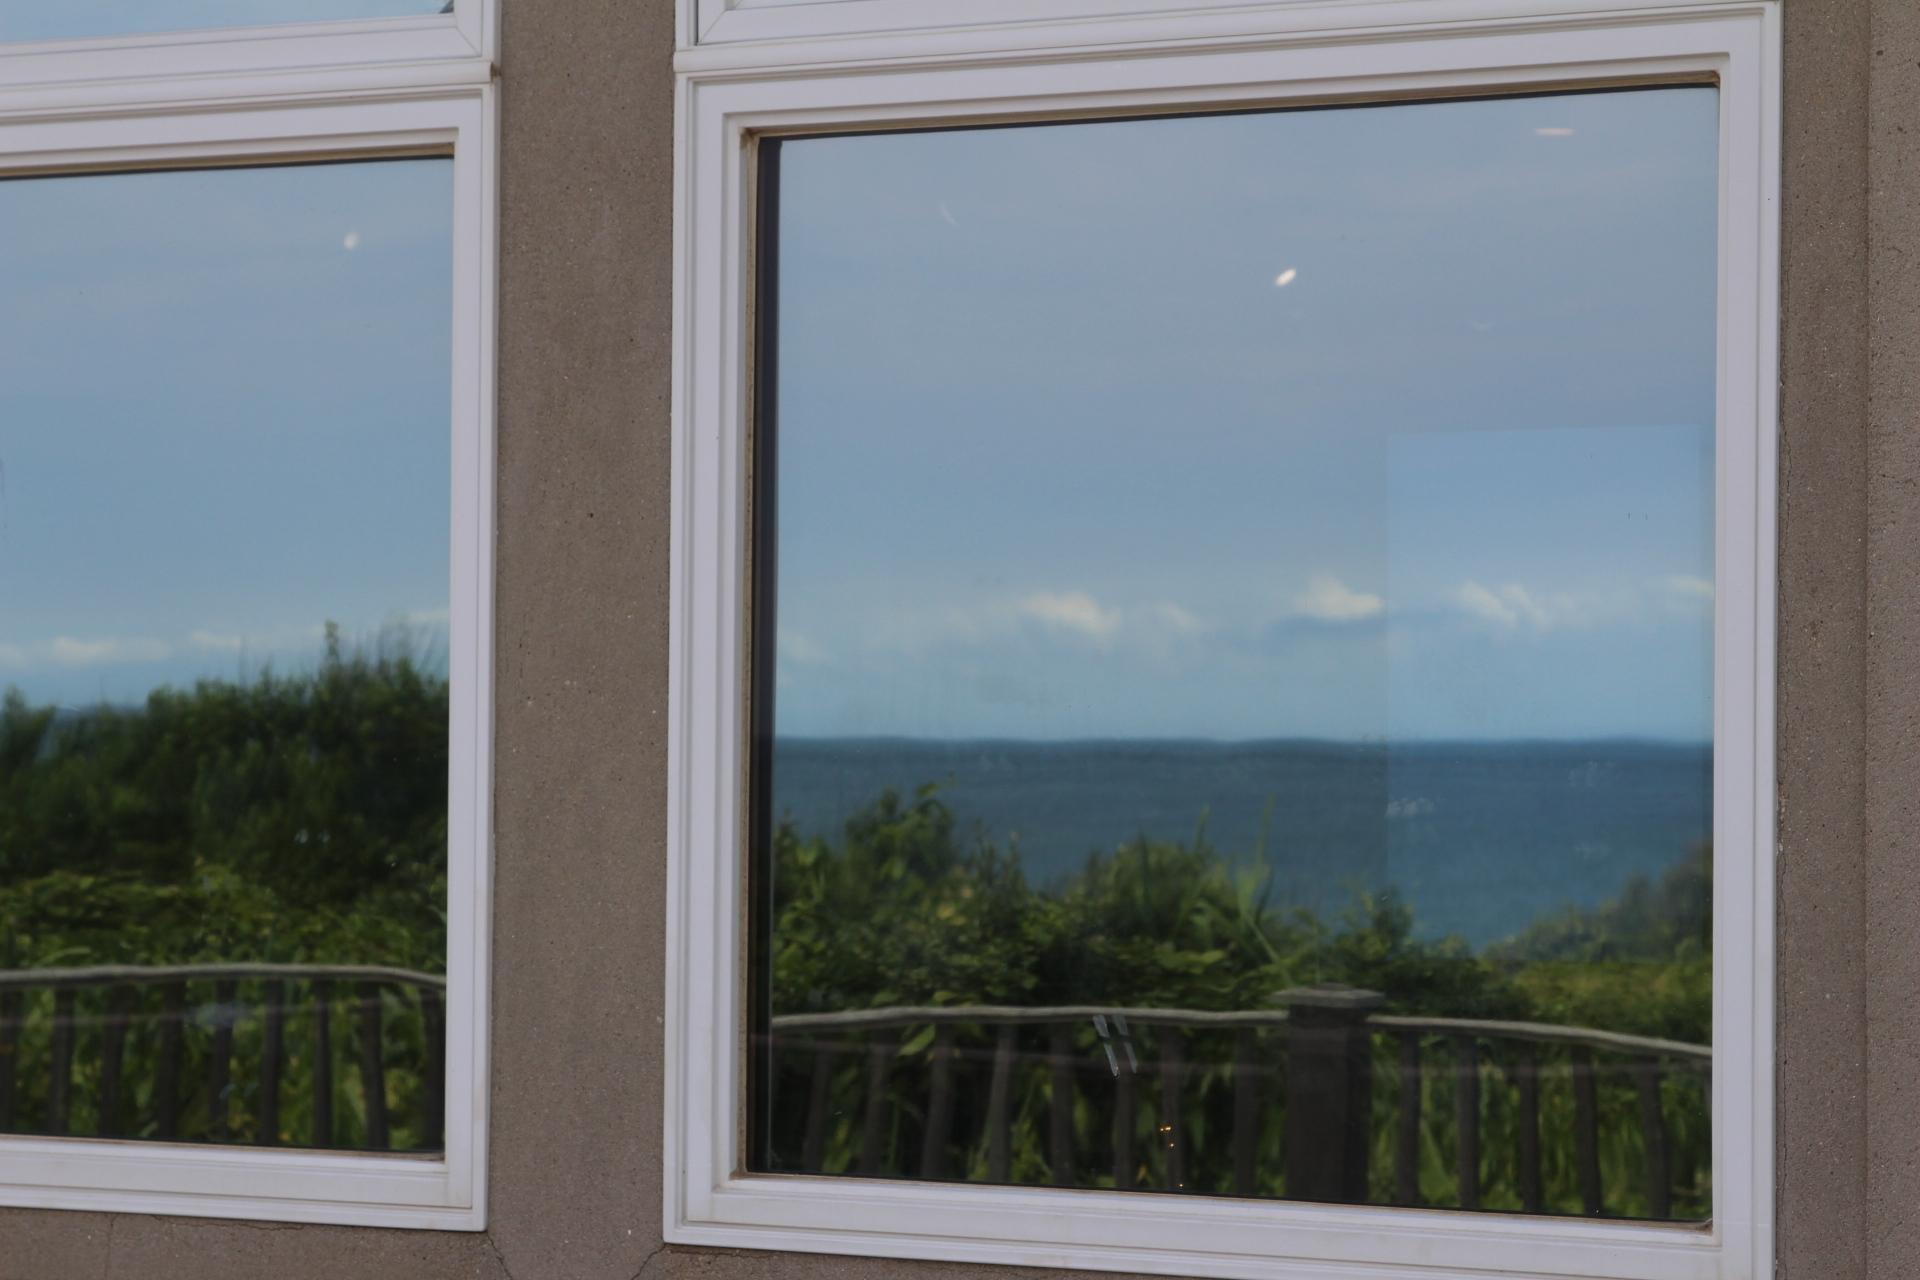 Ocean reflection in glass